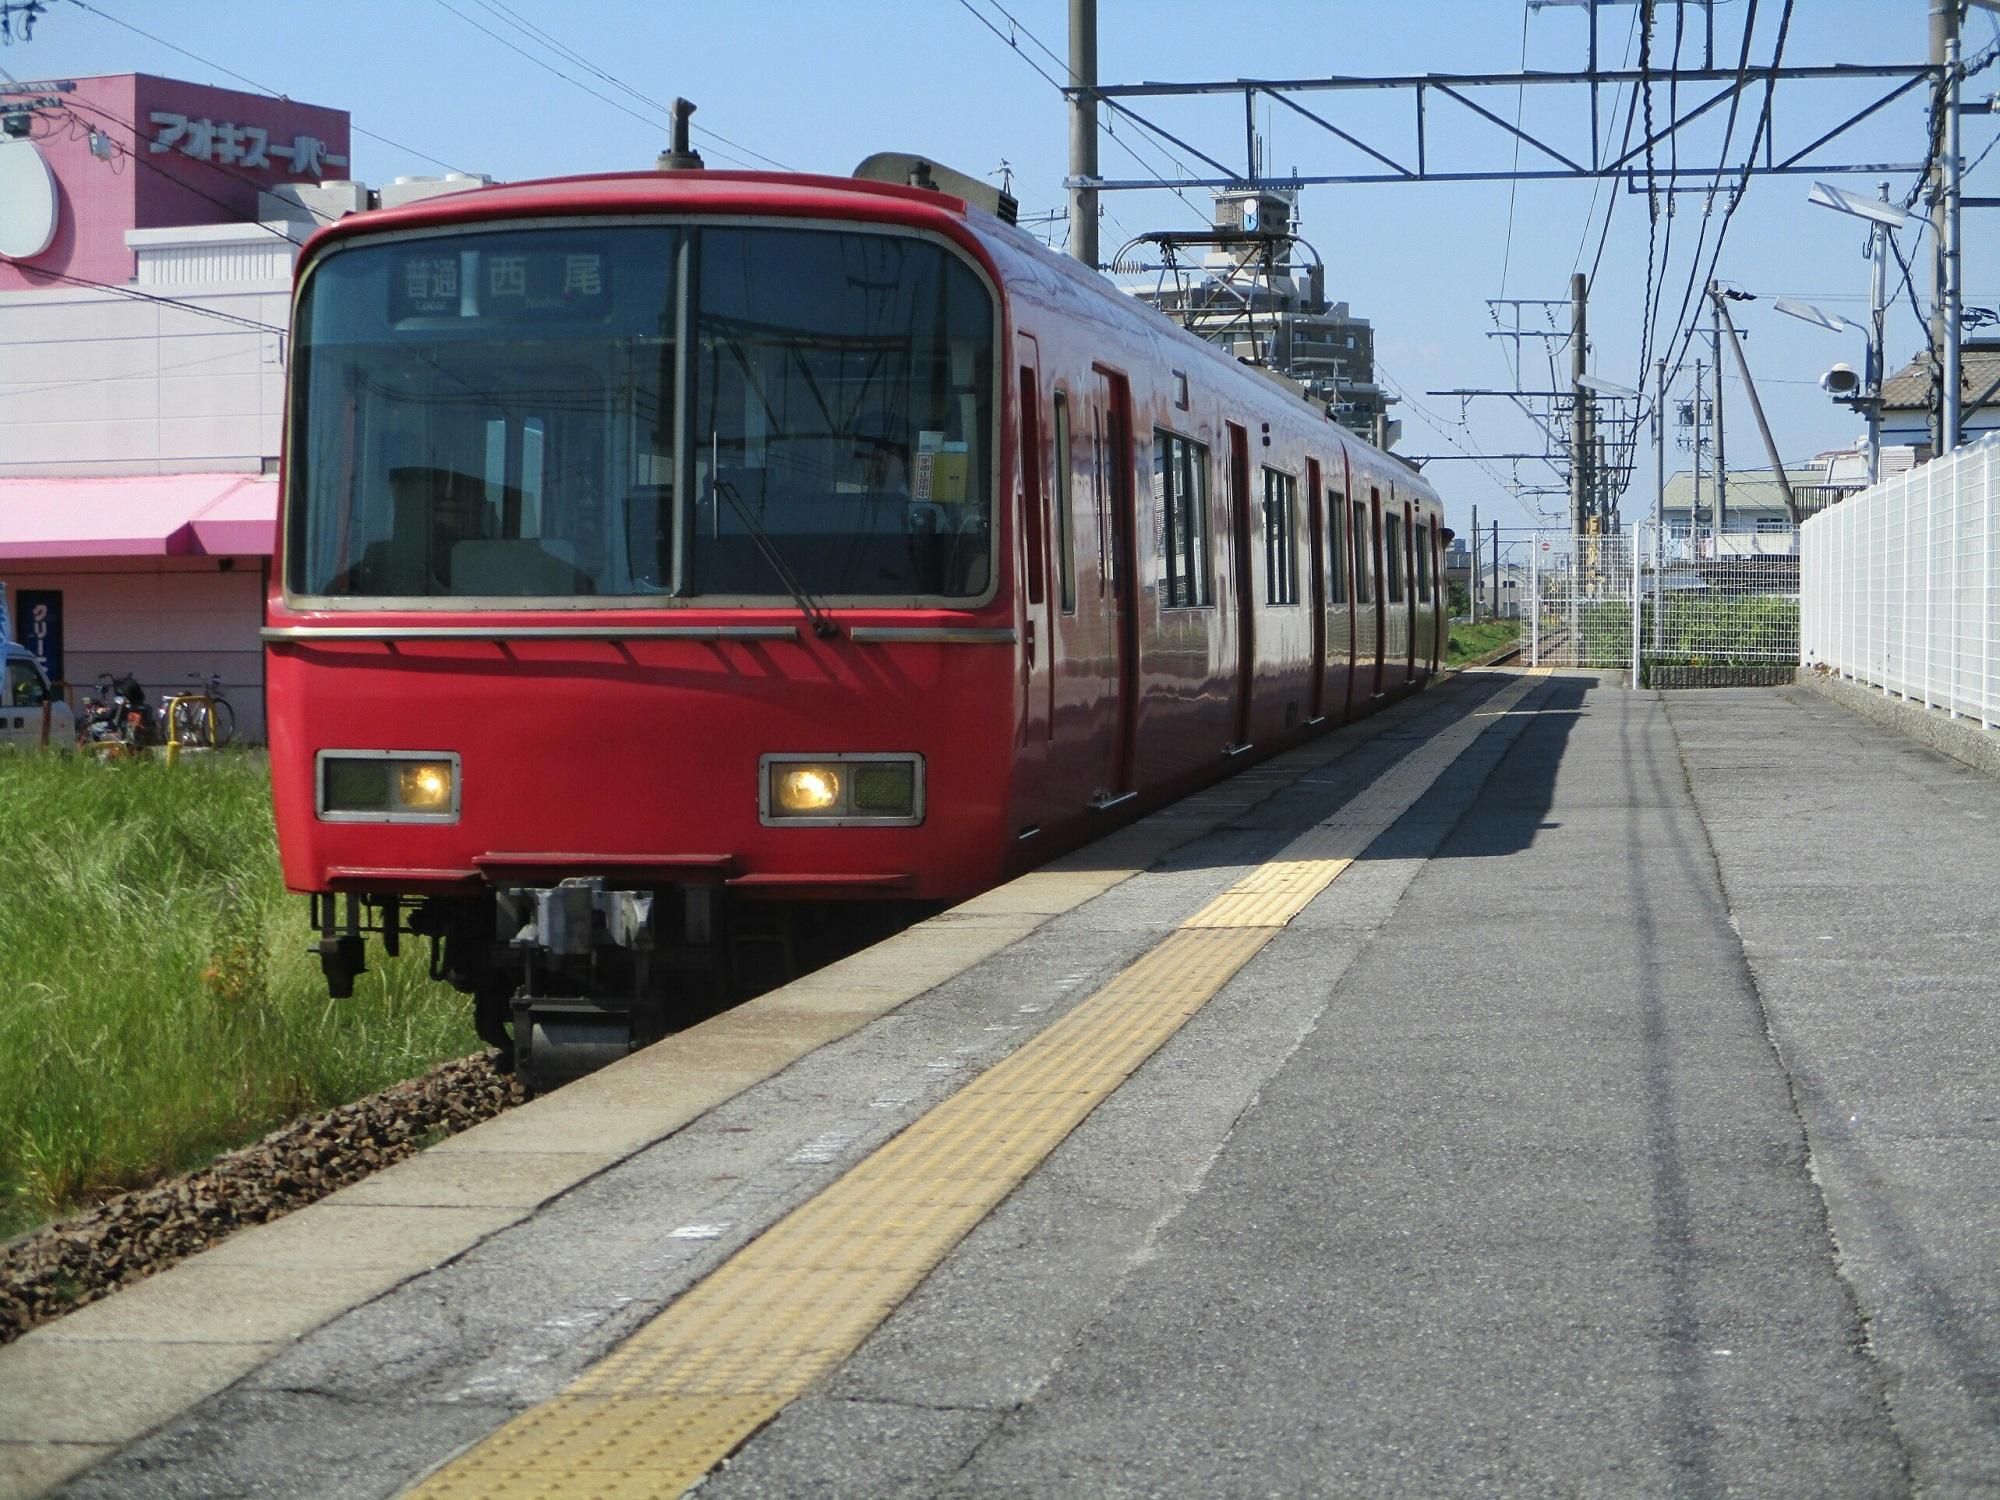 2019.5.24 (2) ふるい - 西尾いきふつう 2000-1500